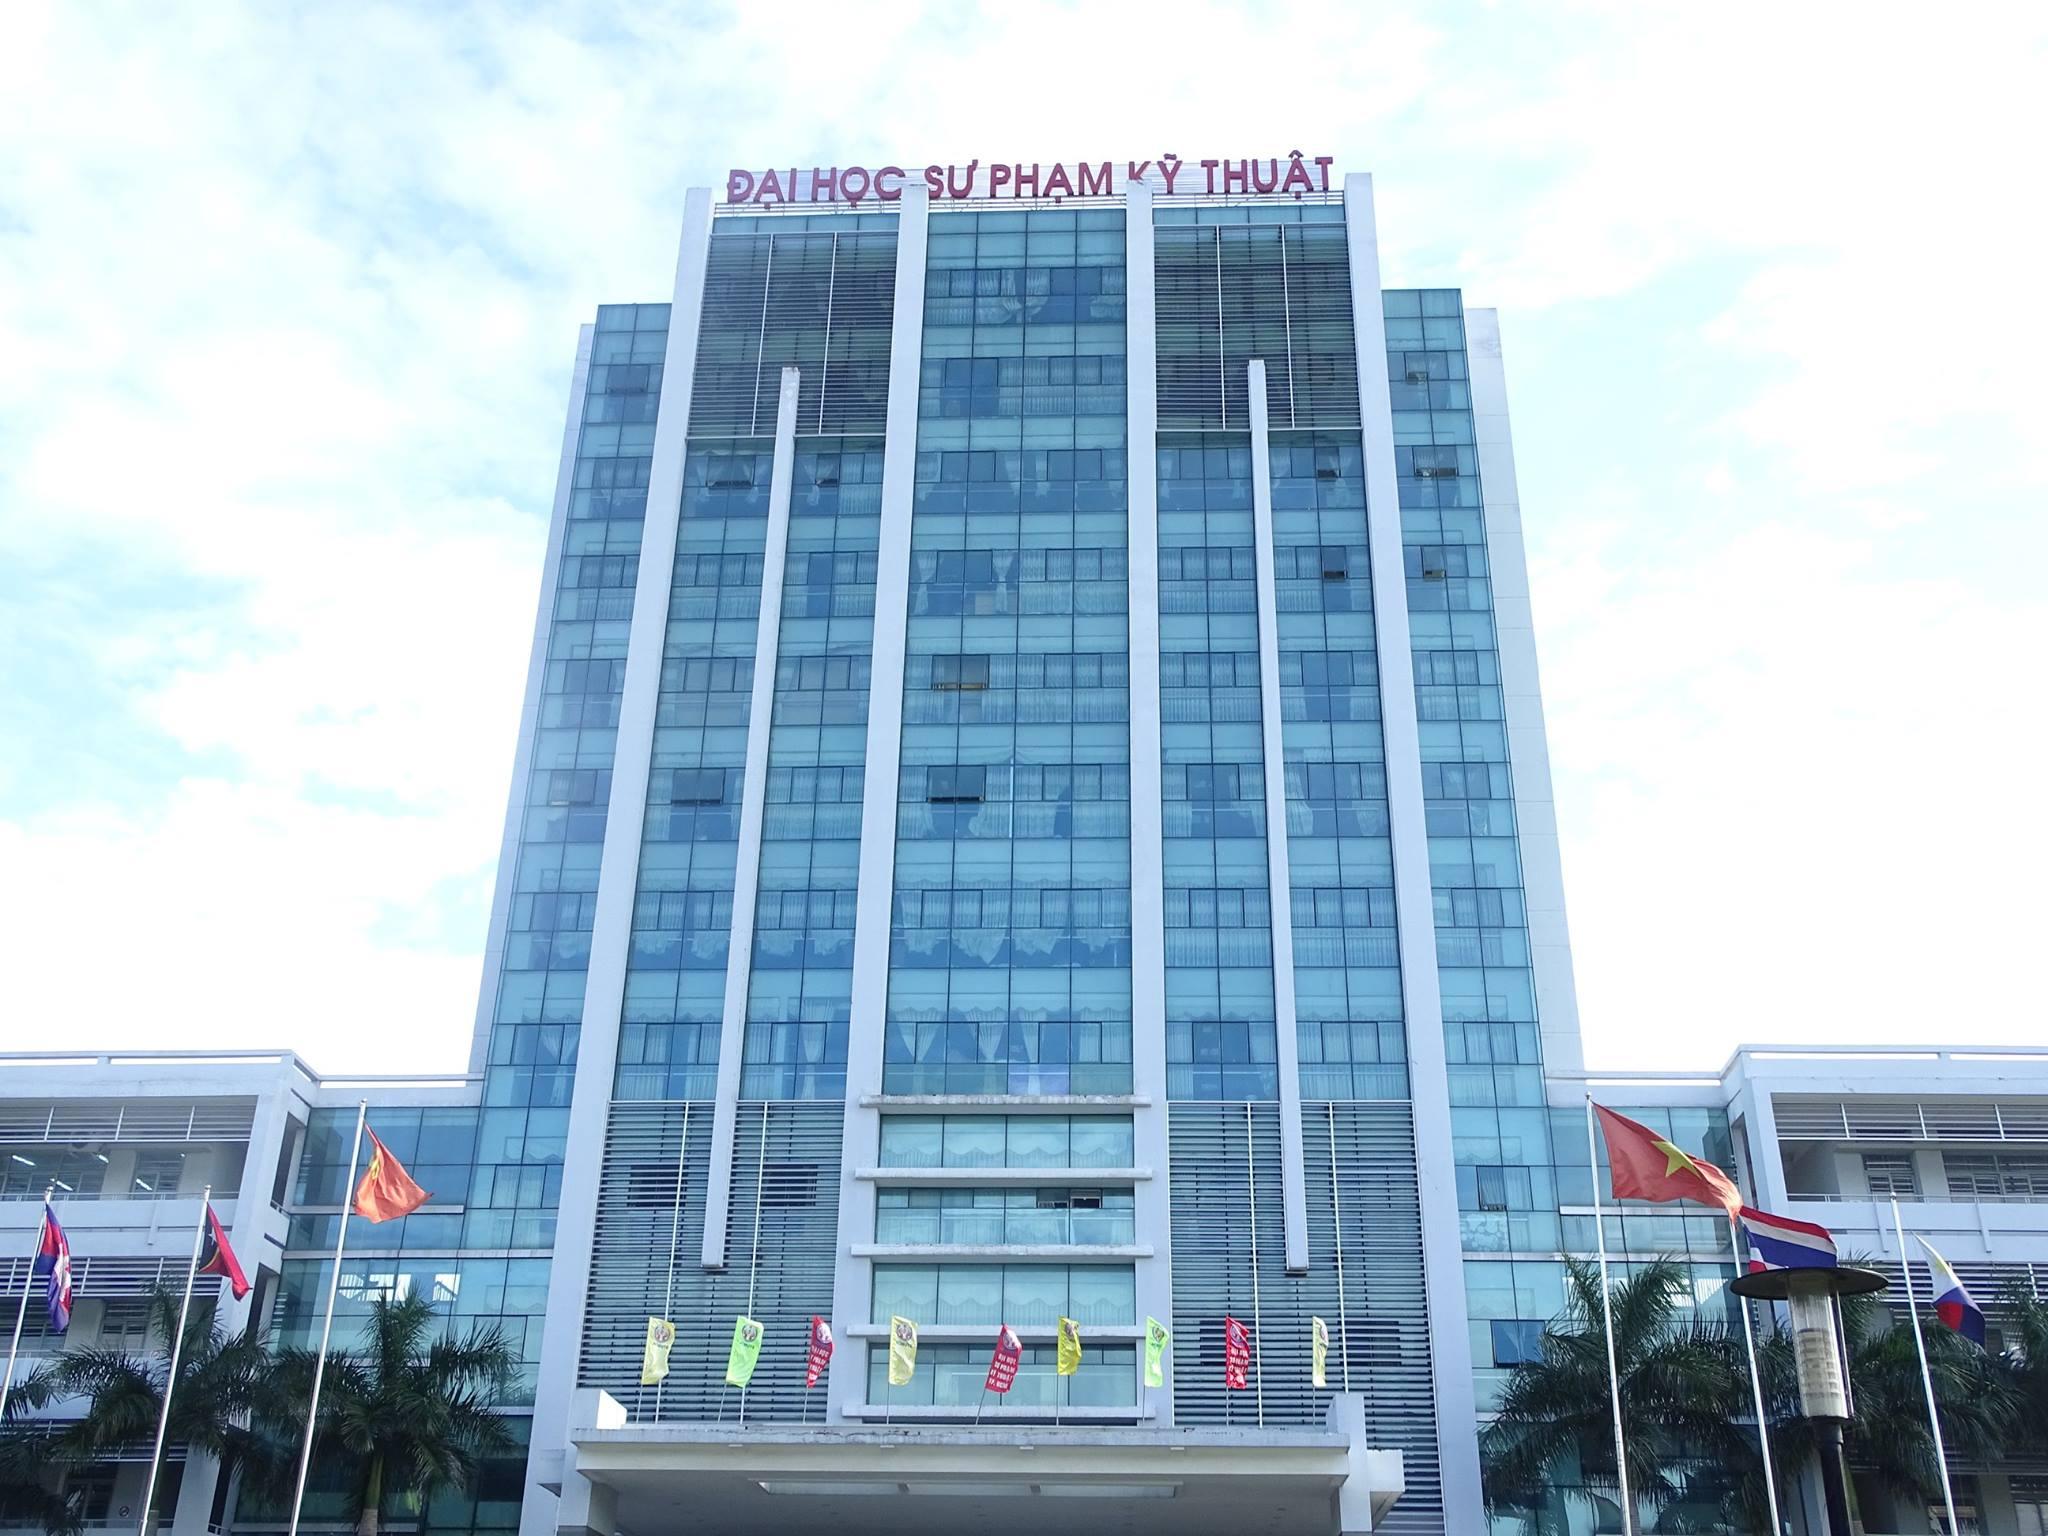 ทุนนักศึกษาแลกเปลี่ยน ณ Ho Chi Minh City University of Technology and Education (HCMUTE)